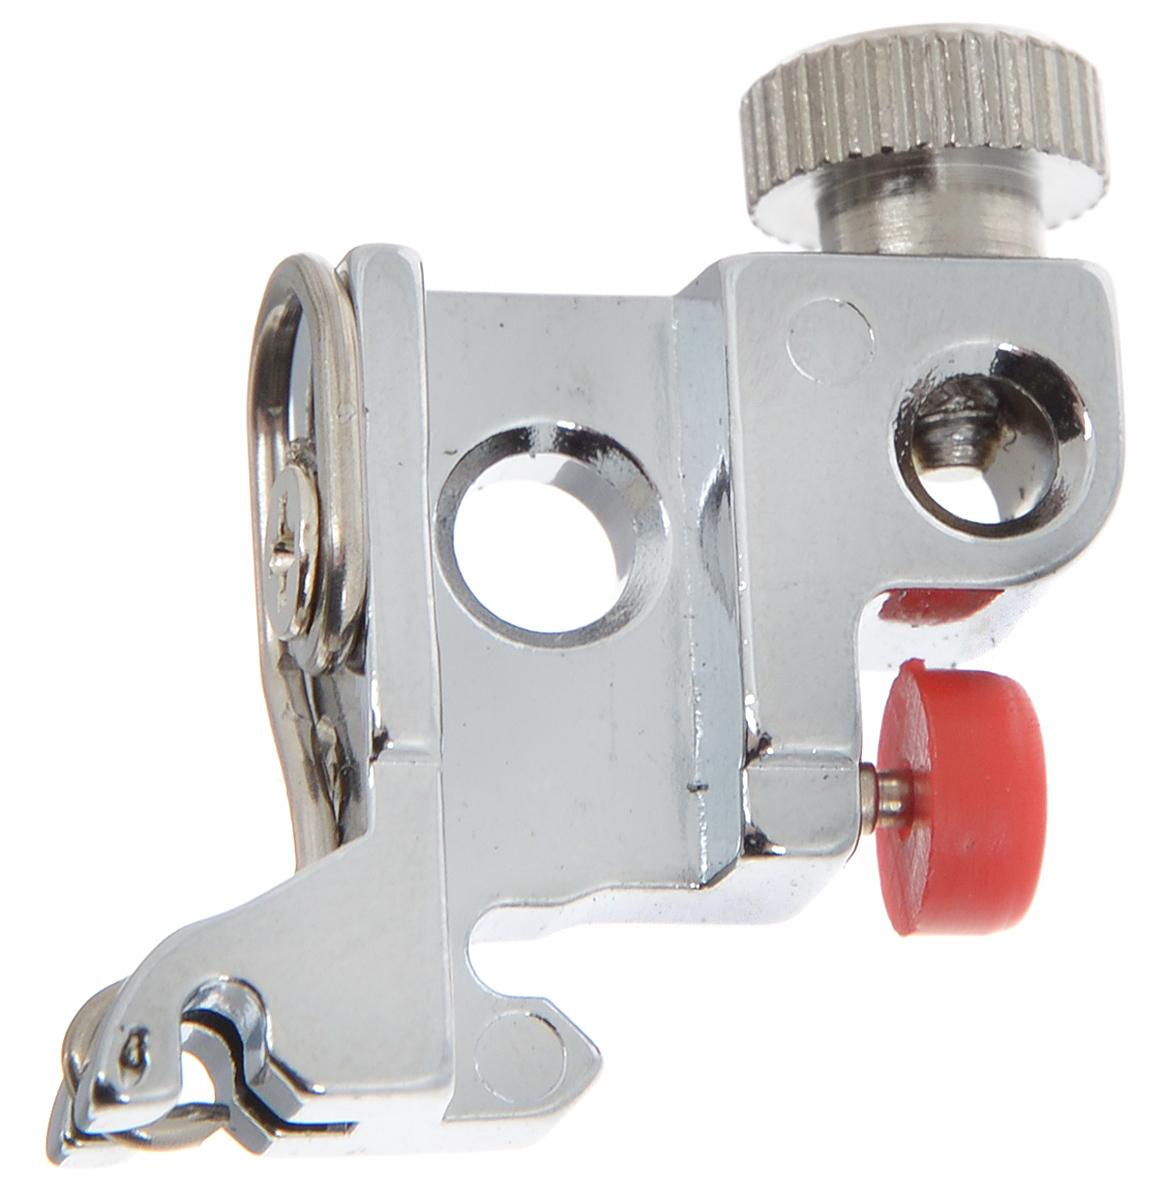 Держатель лапок для швейной машины Aurora, с адаптером набор лапок для швейных машин astralux 3 в 1 dp 0015